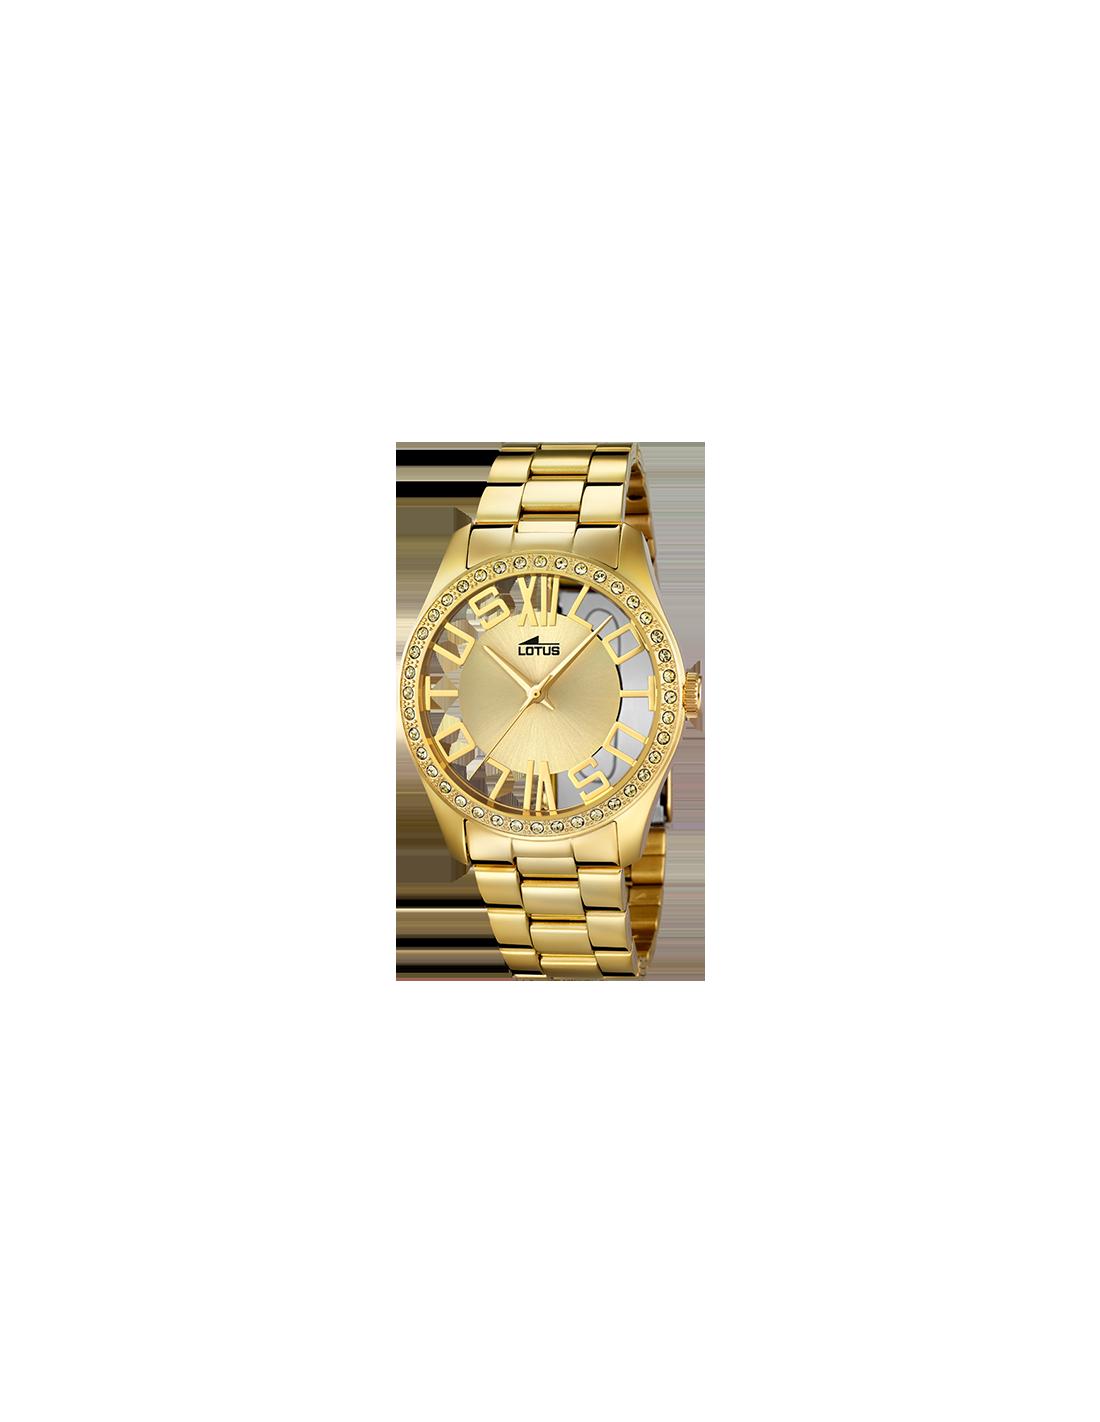 0ae13e3a522a Reloj de mujer Lotus Trendy 18127 1 en color dorado y circonitas